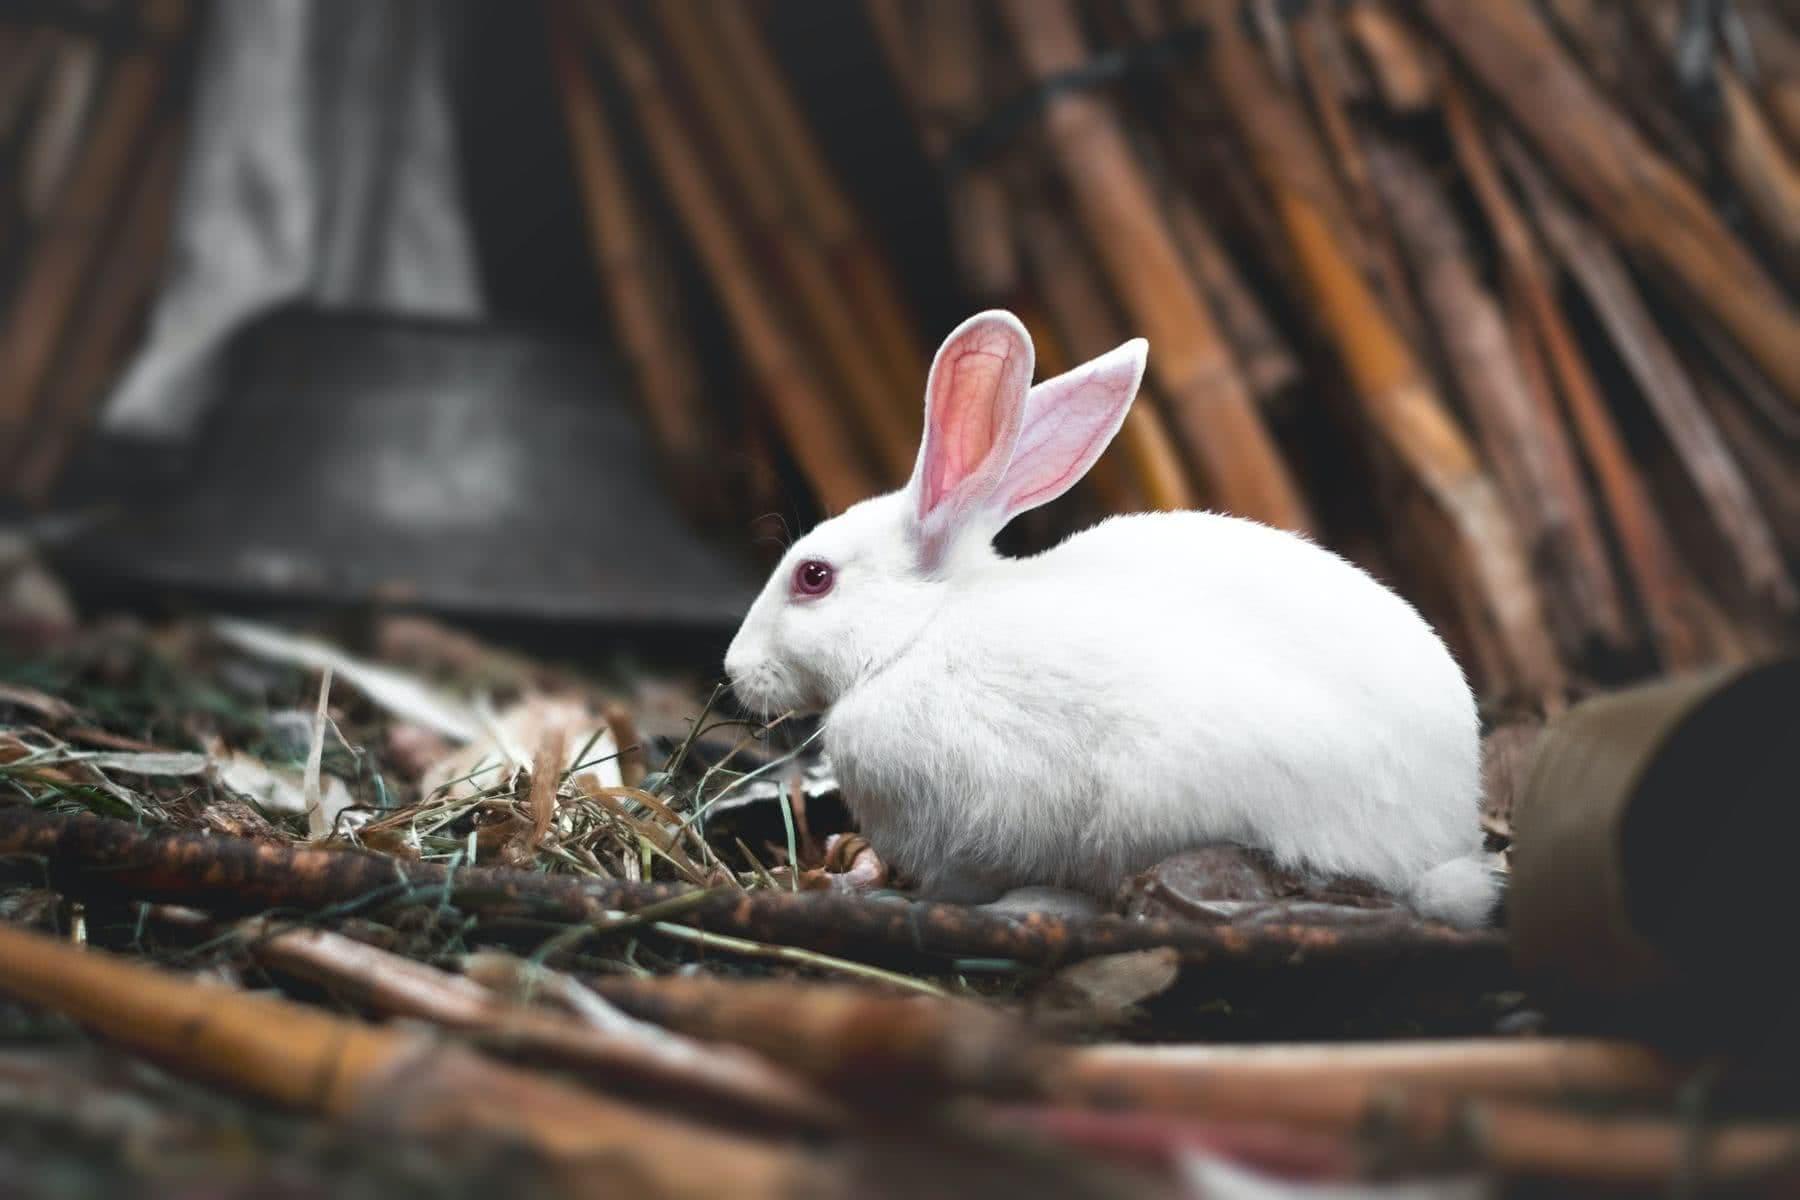 Conejo blanco en medio de la naturaleza. Foto de Hossam M. Omar en Unsplash